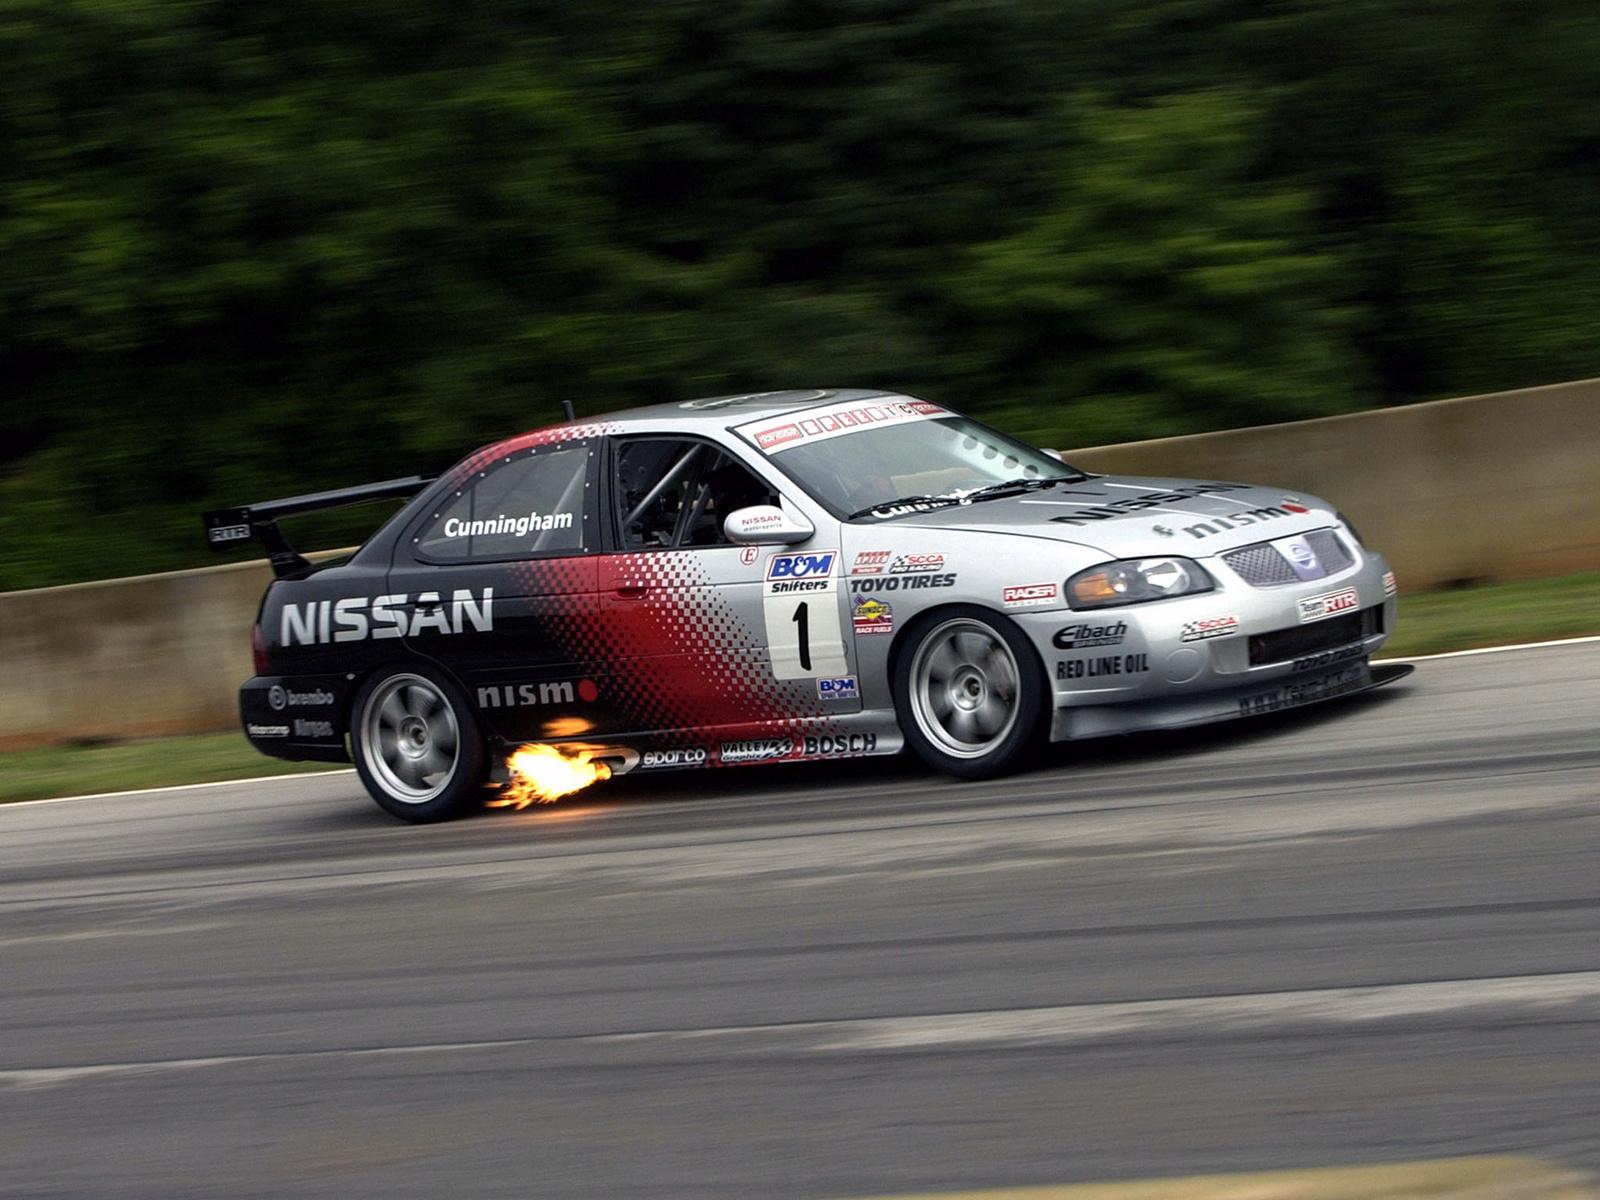 Super Nismo Nissan Sentra Se R Spec V Racing Car B15 2004 Wiring Cloud Uslyletkolfr09Org